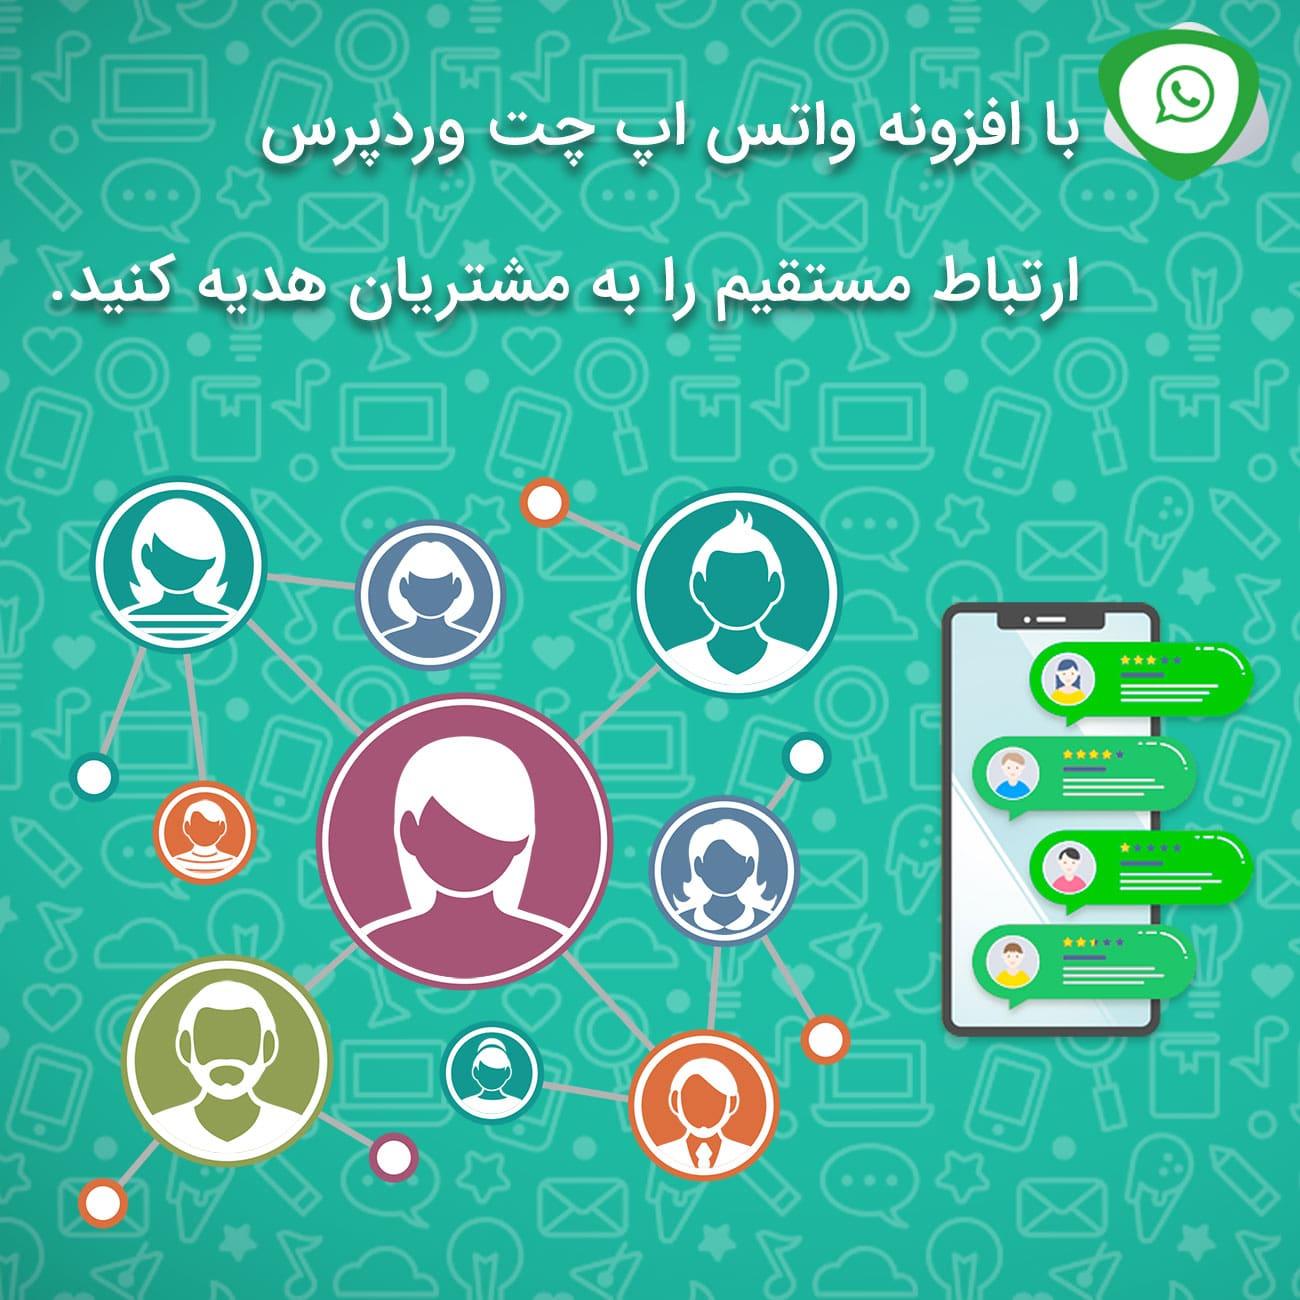 افزونه واتس آپ چت وردپرس | افزونه WhatsApp Chat WordPress